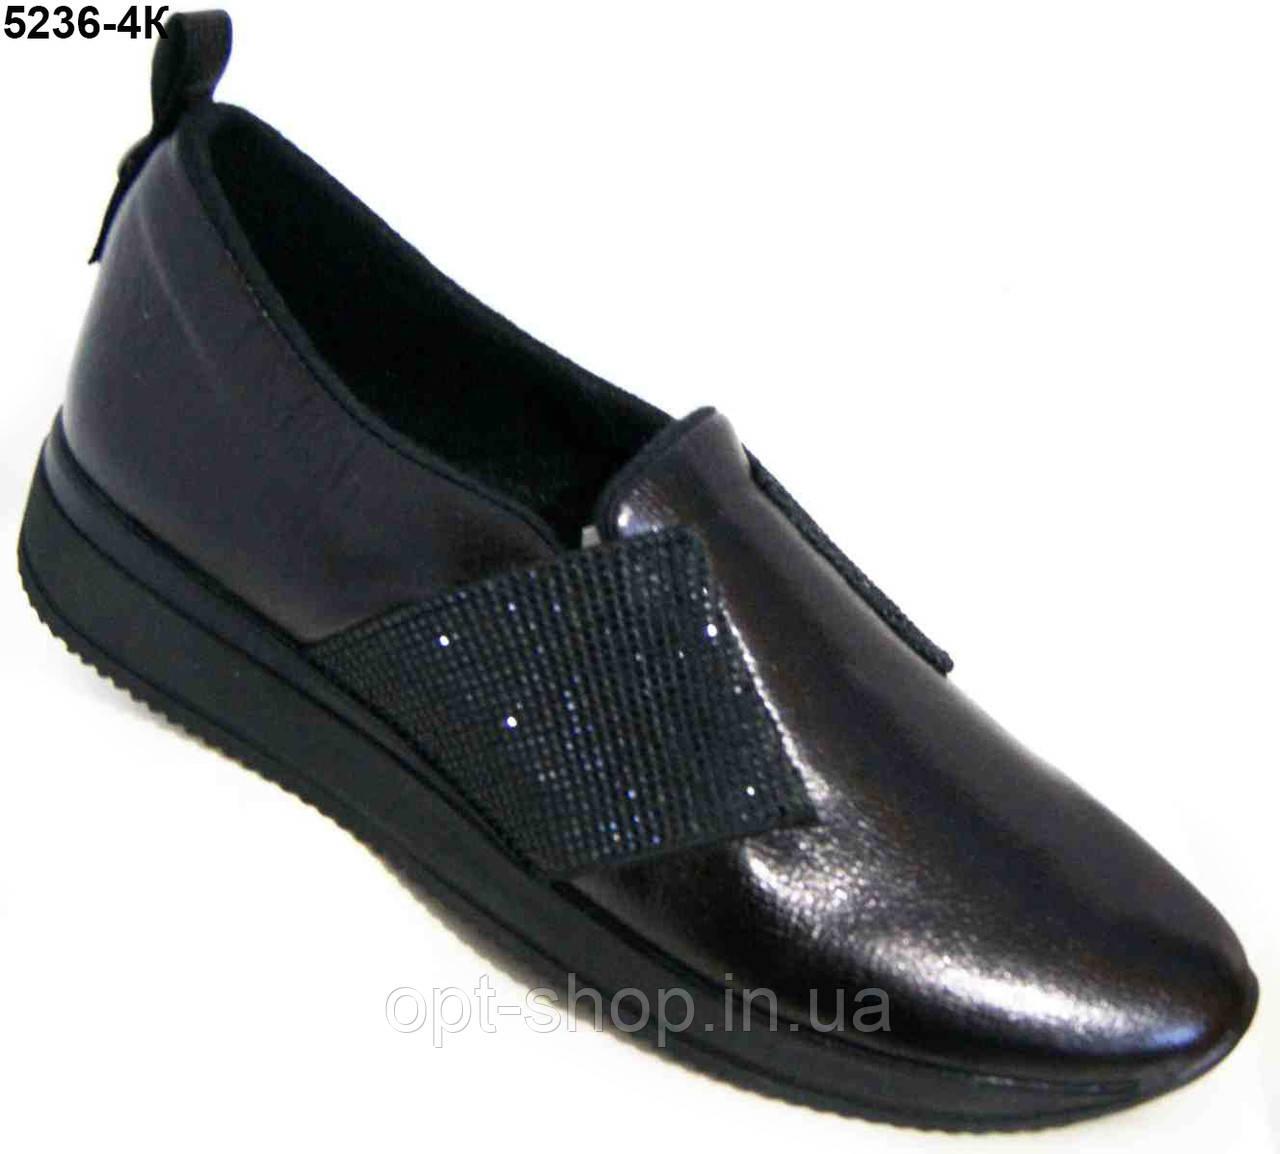 Туфли женские кожаные